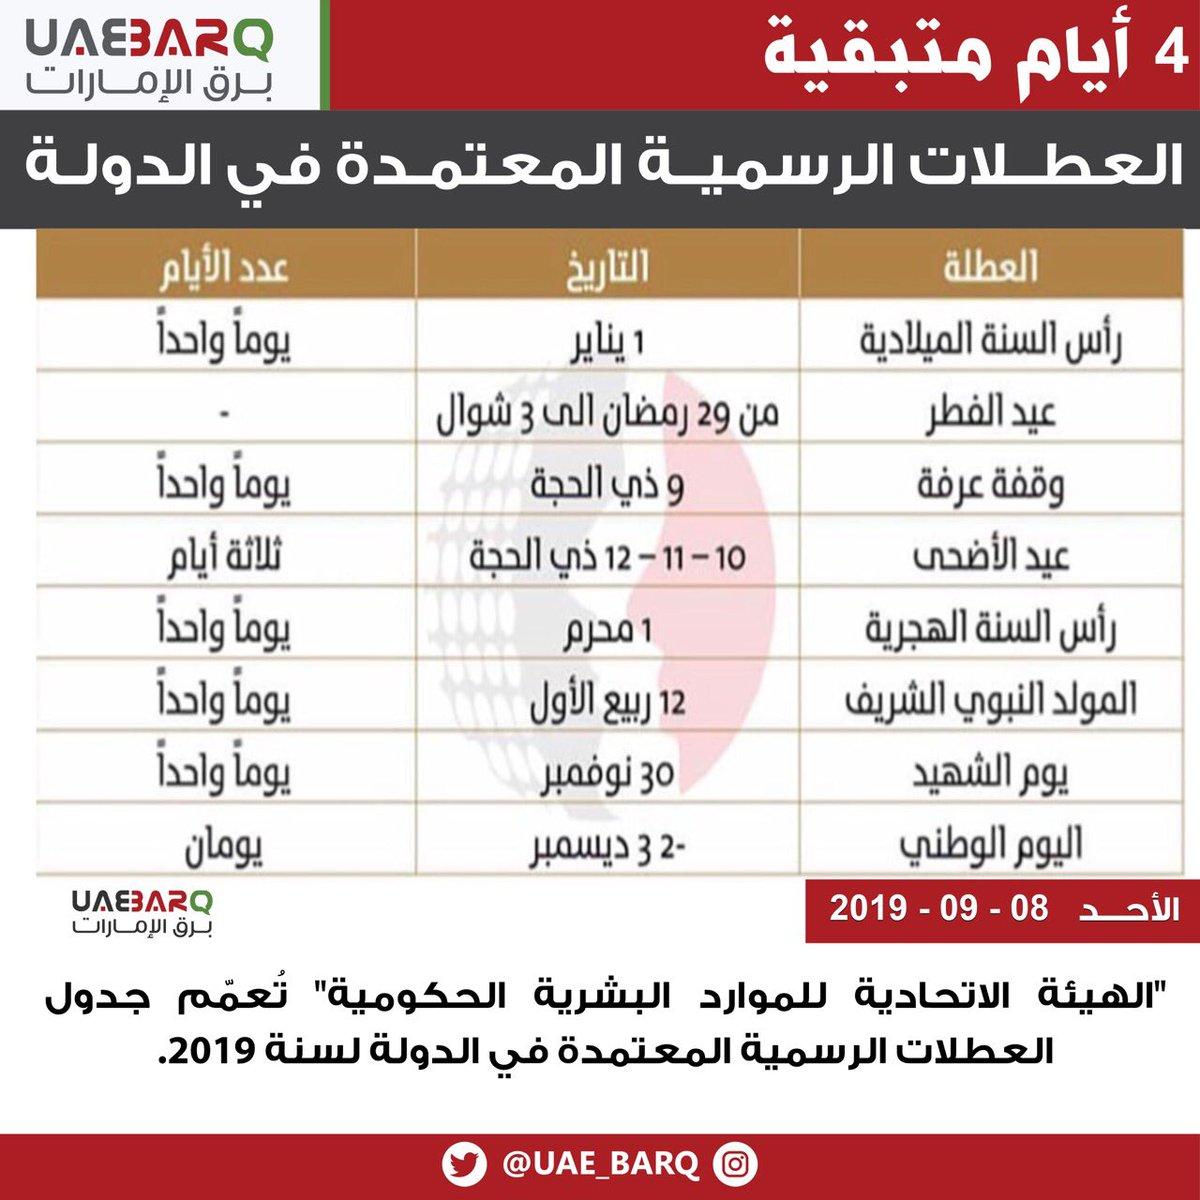 العطلات الرسمية في الإمارات 2020 موسوعة